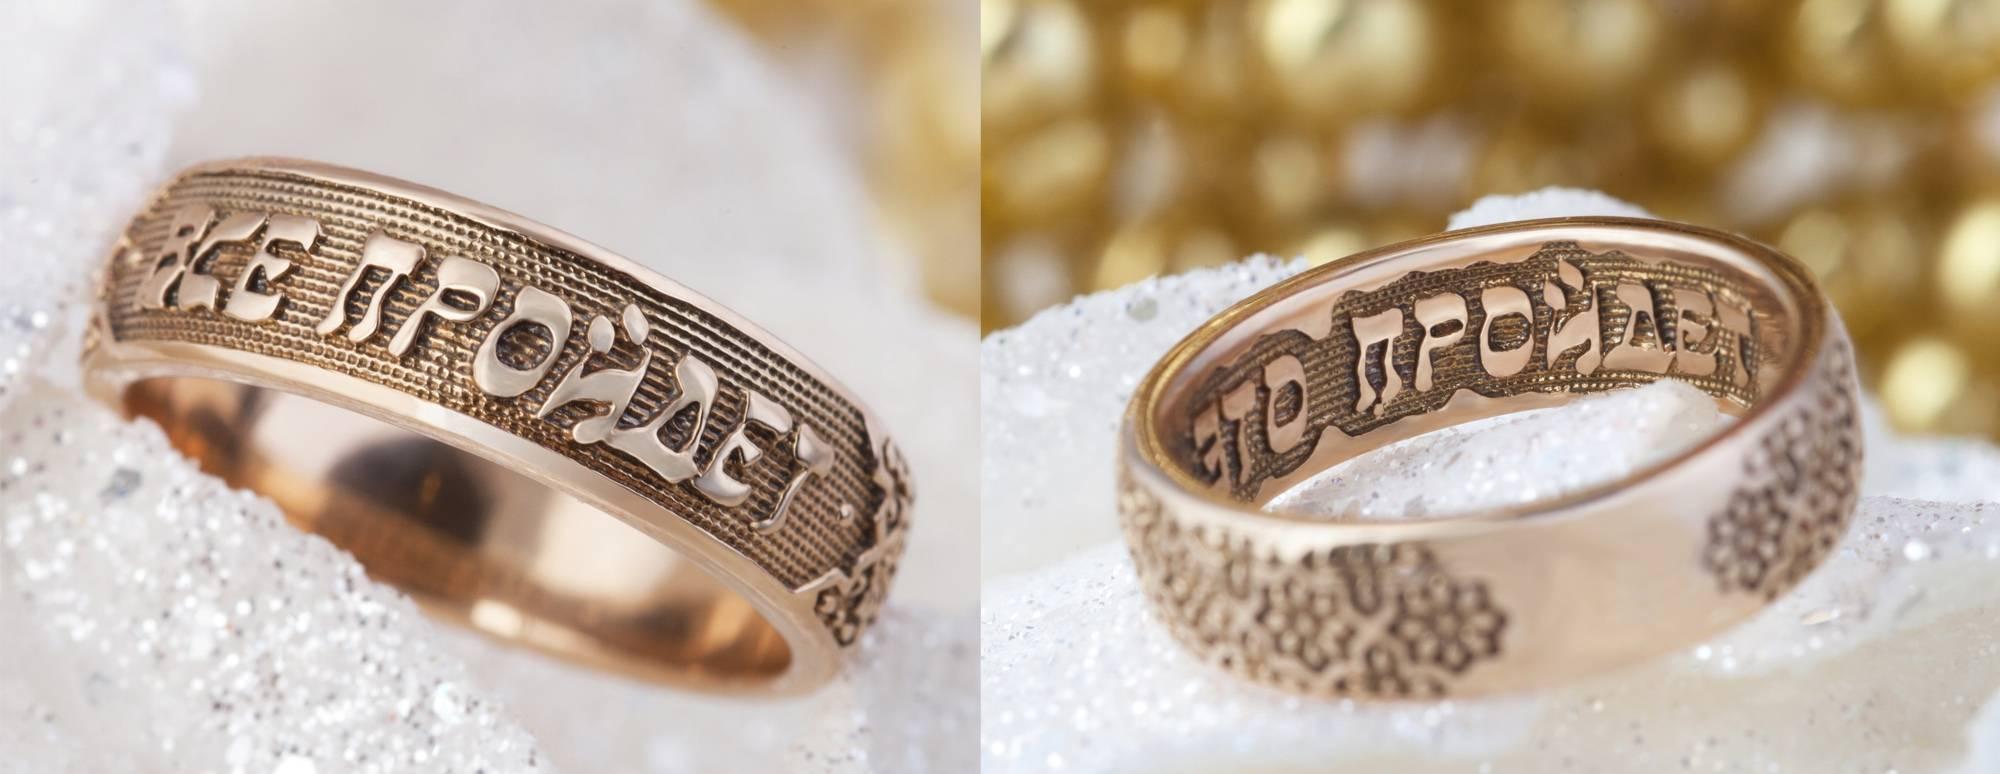 Амулет пентакль соломона: значение печати оберега для мужчин и женщин, талисман